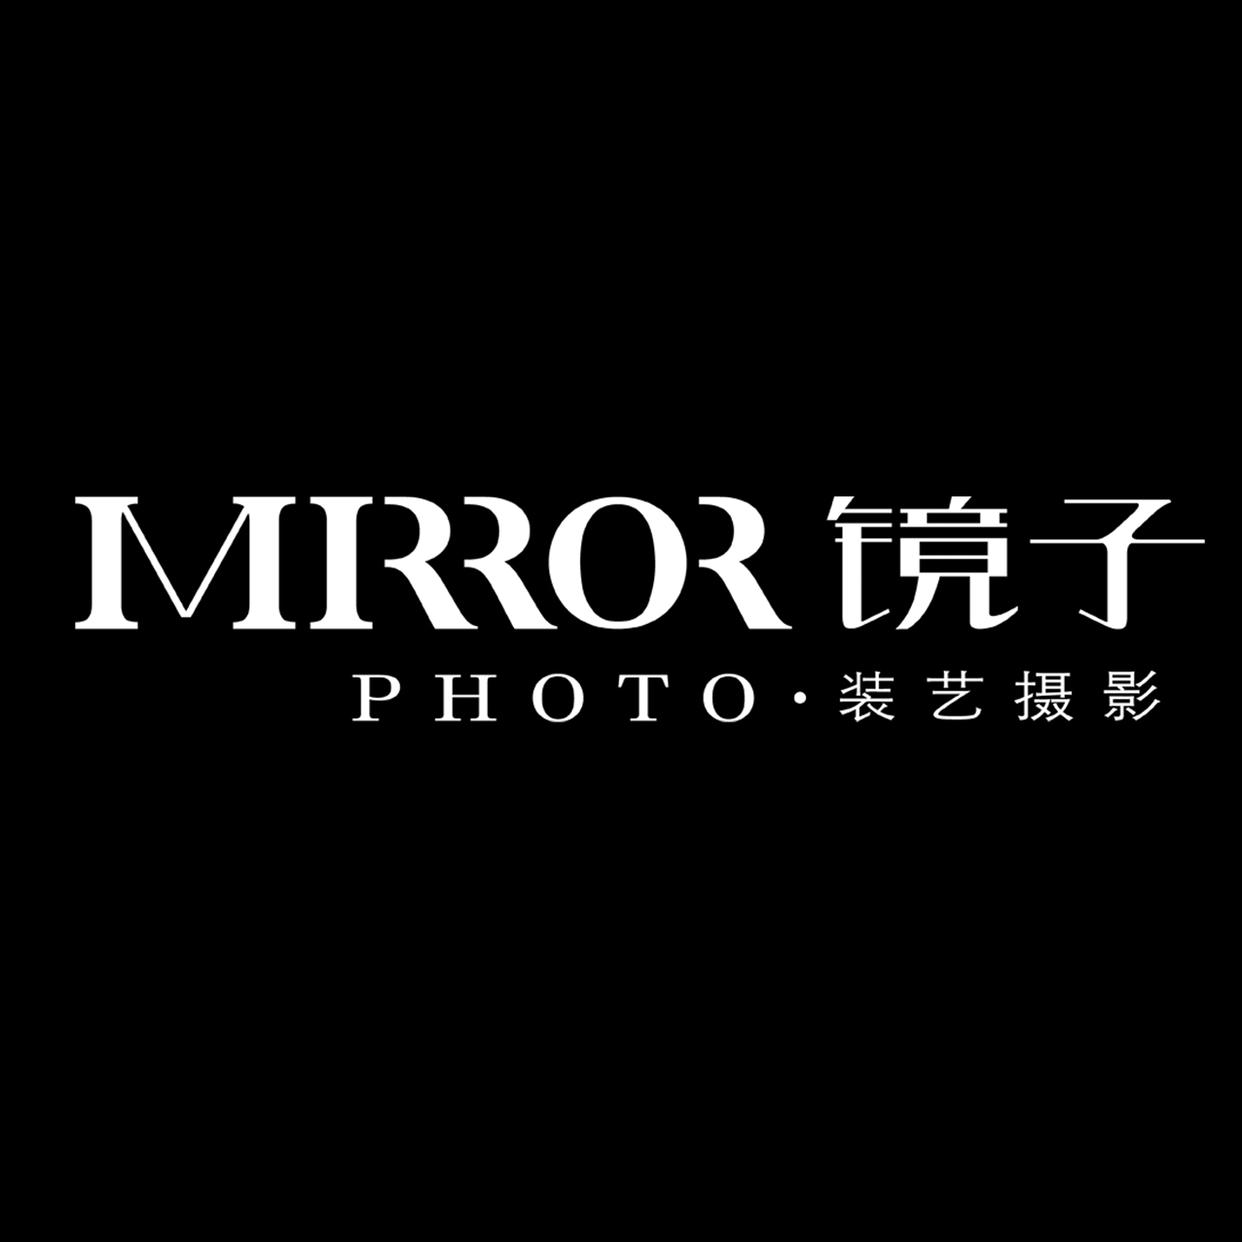 重庆镜子装艺摄影